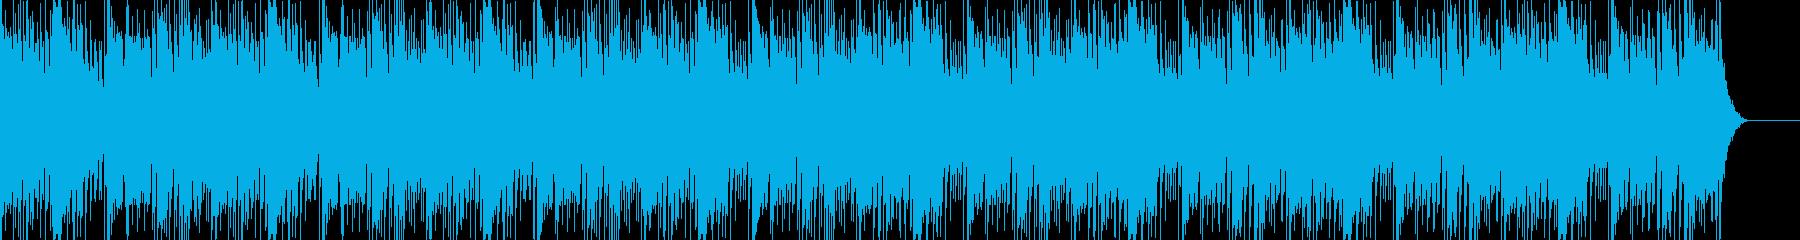 実用的なカリンバの無機質BGM3の再生済みの波形